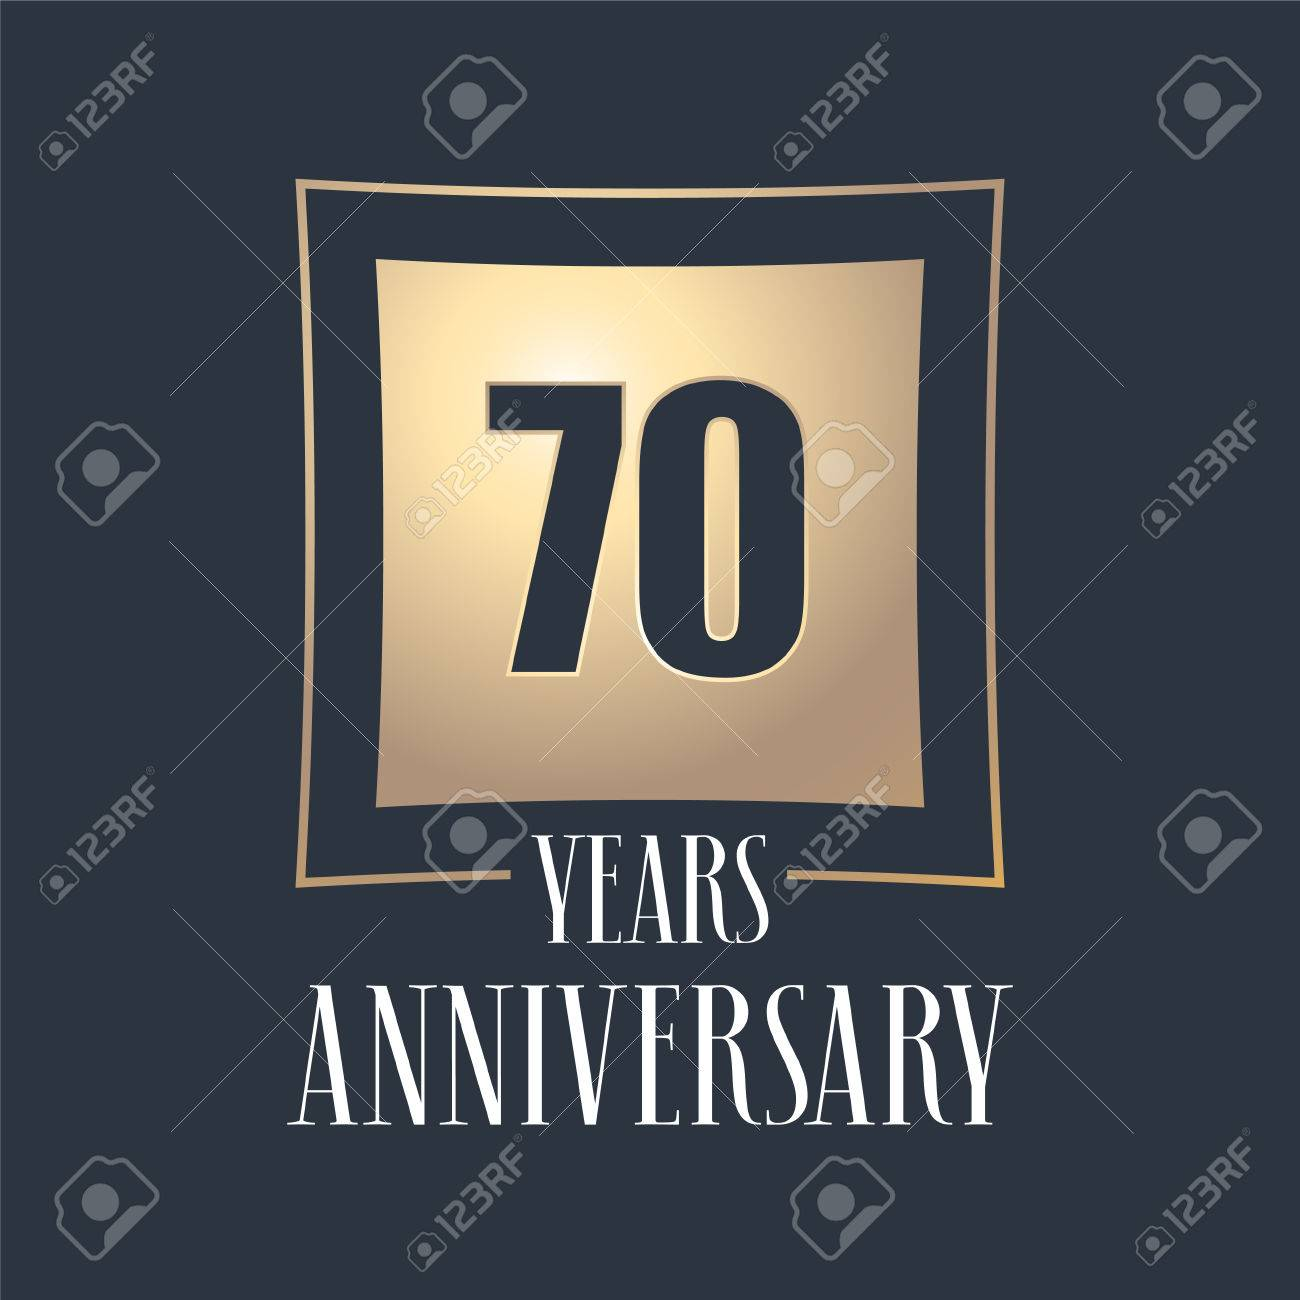 Symbole De Celebration Anniversaire De 70 Ans Logo Element De Conception De Modele Avec Numero D Or Pour La Carte De Voeux Du 70e Anniversaire Clip Art Libres De Droits Vecteurs Et